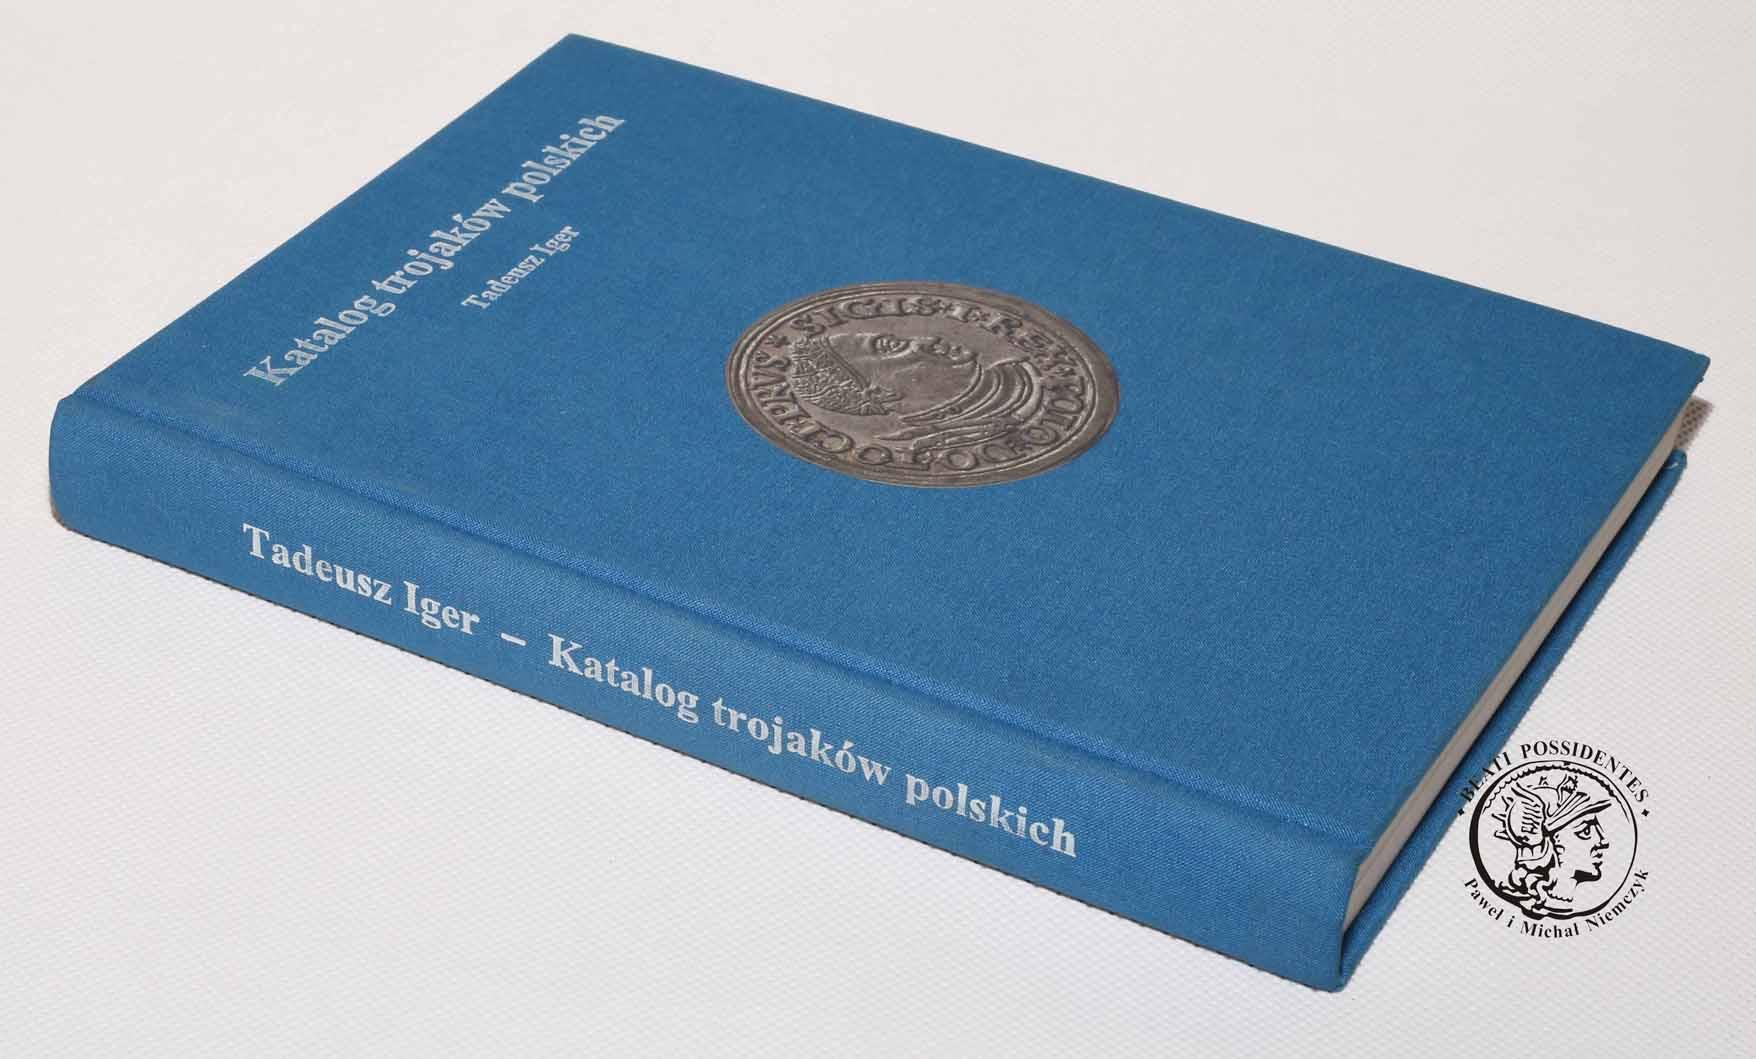 Tadeusz Iger - Katalog trojaków polskich